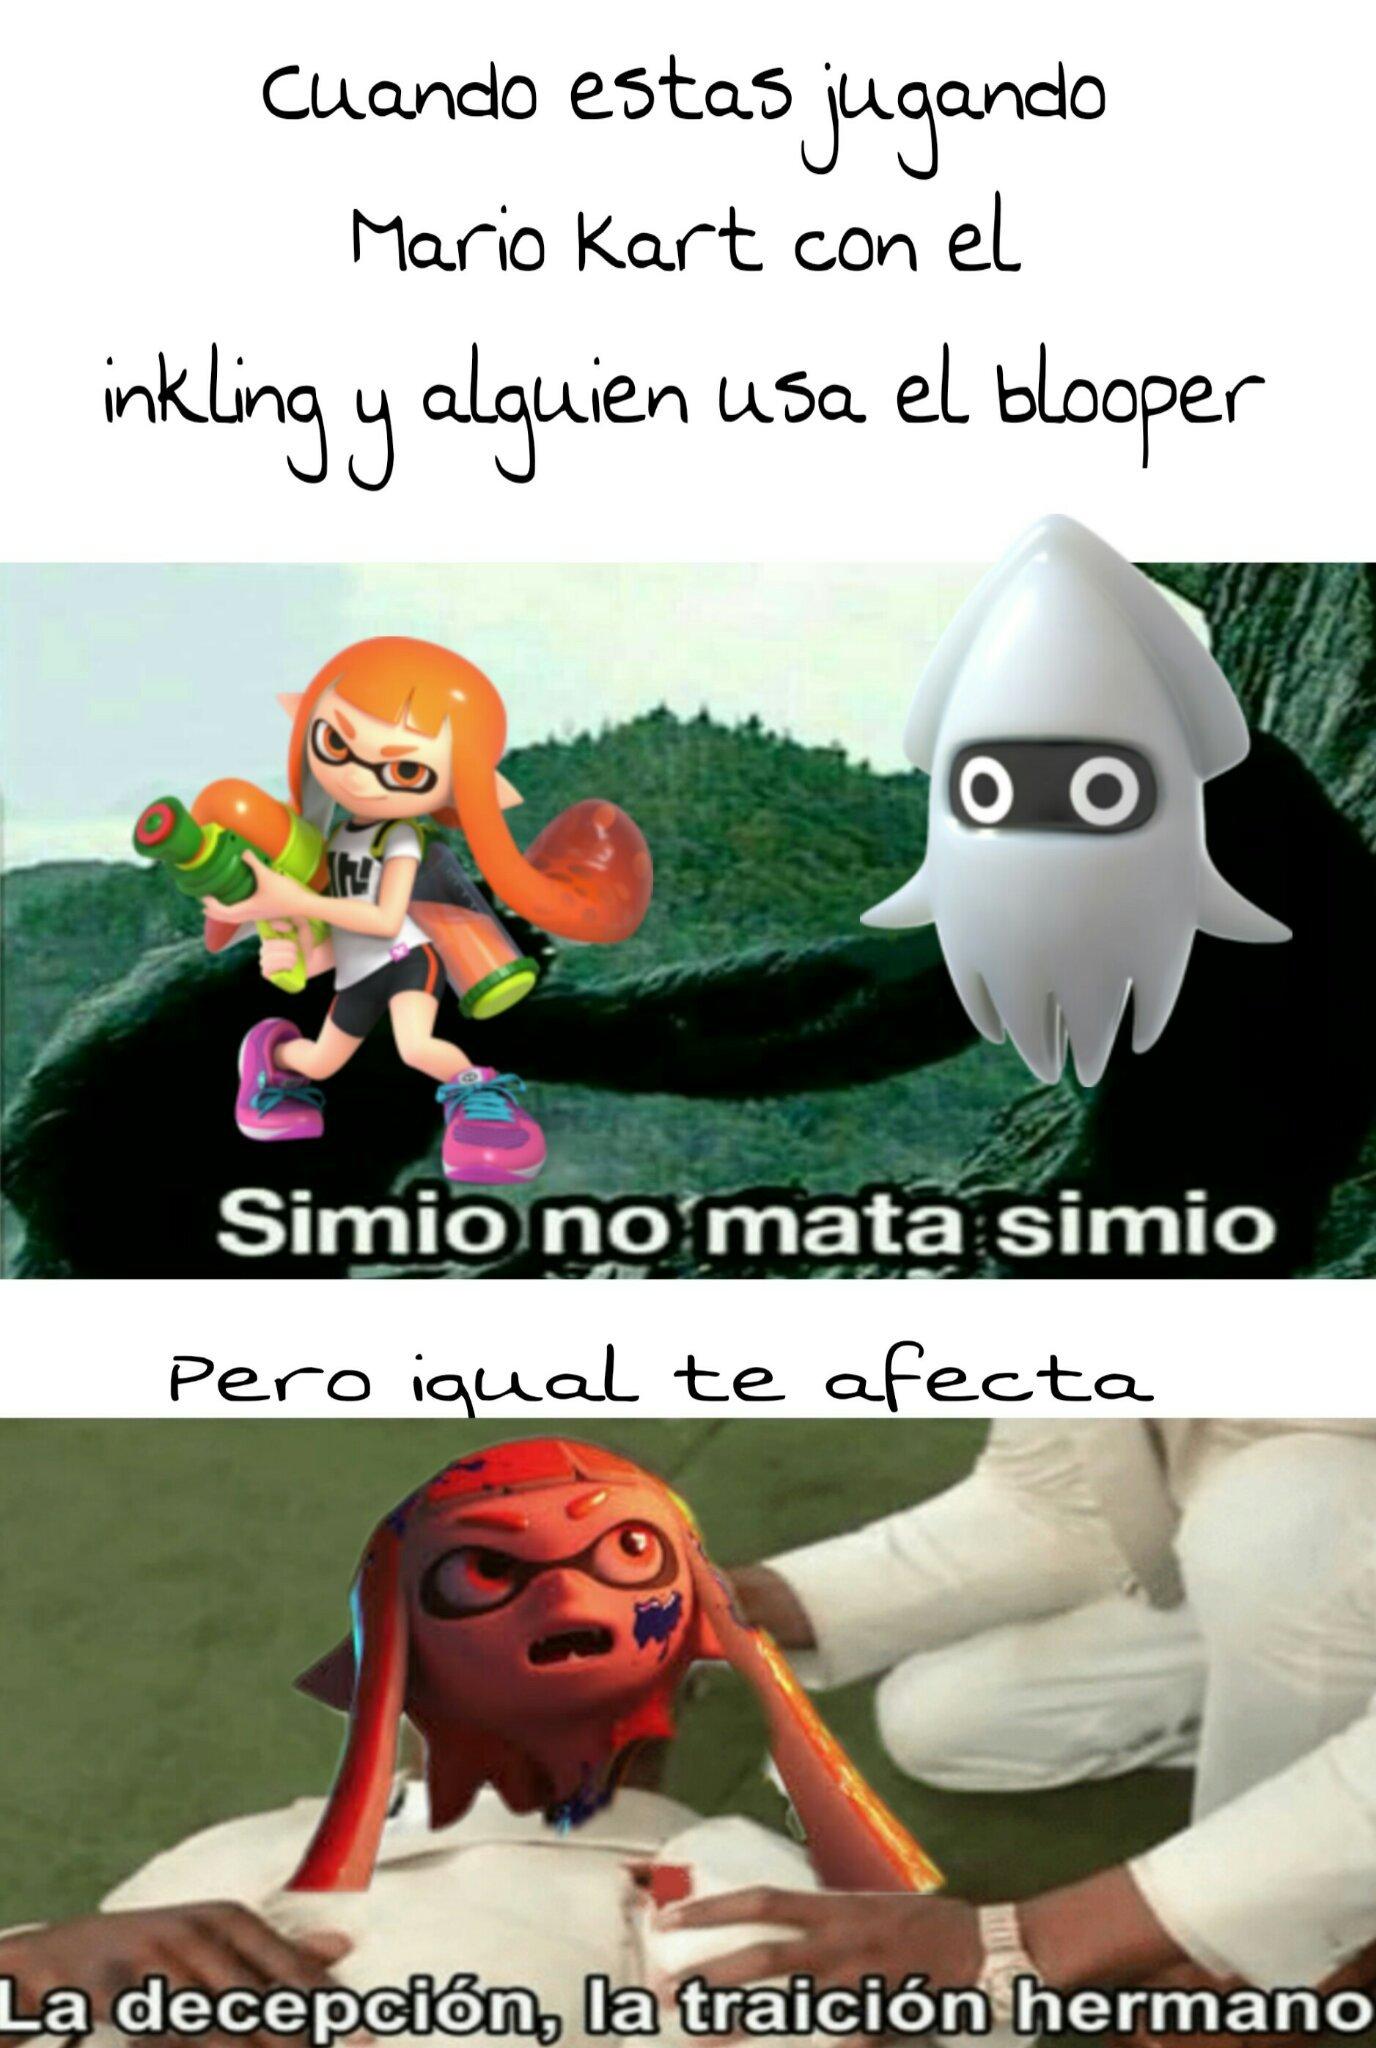 El Marios - meme